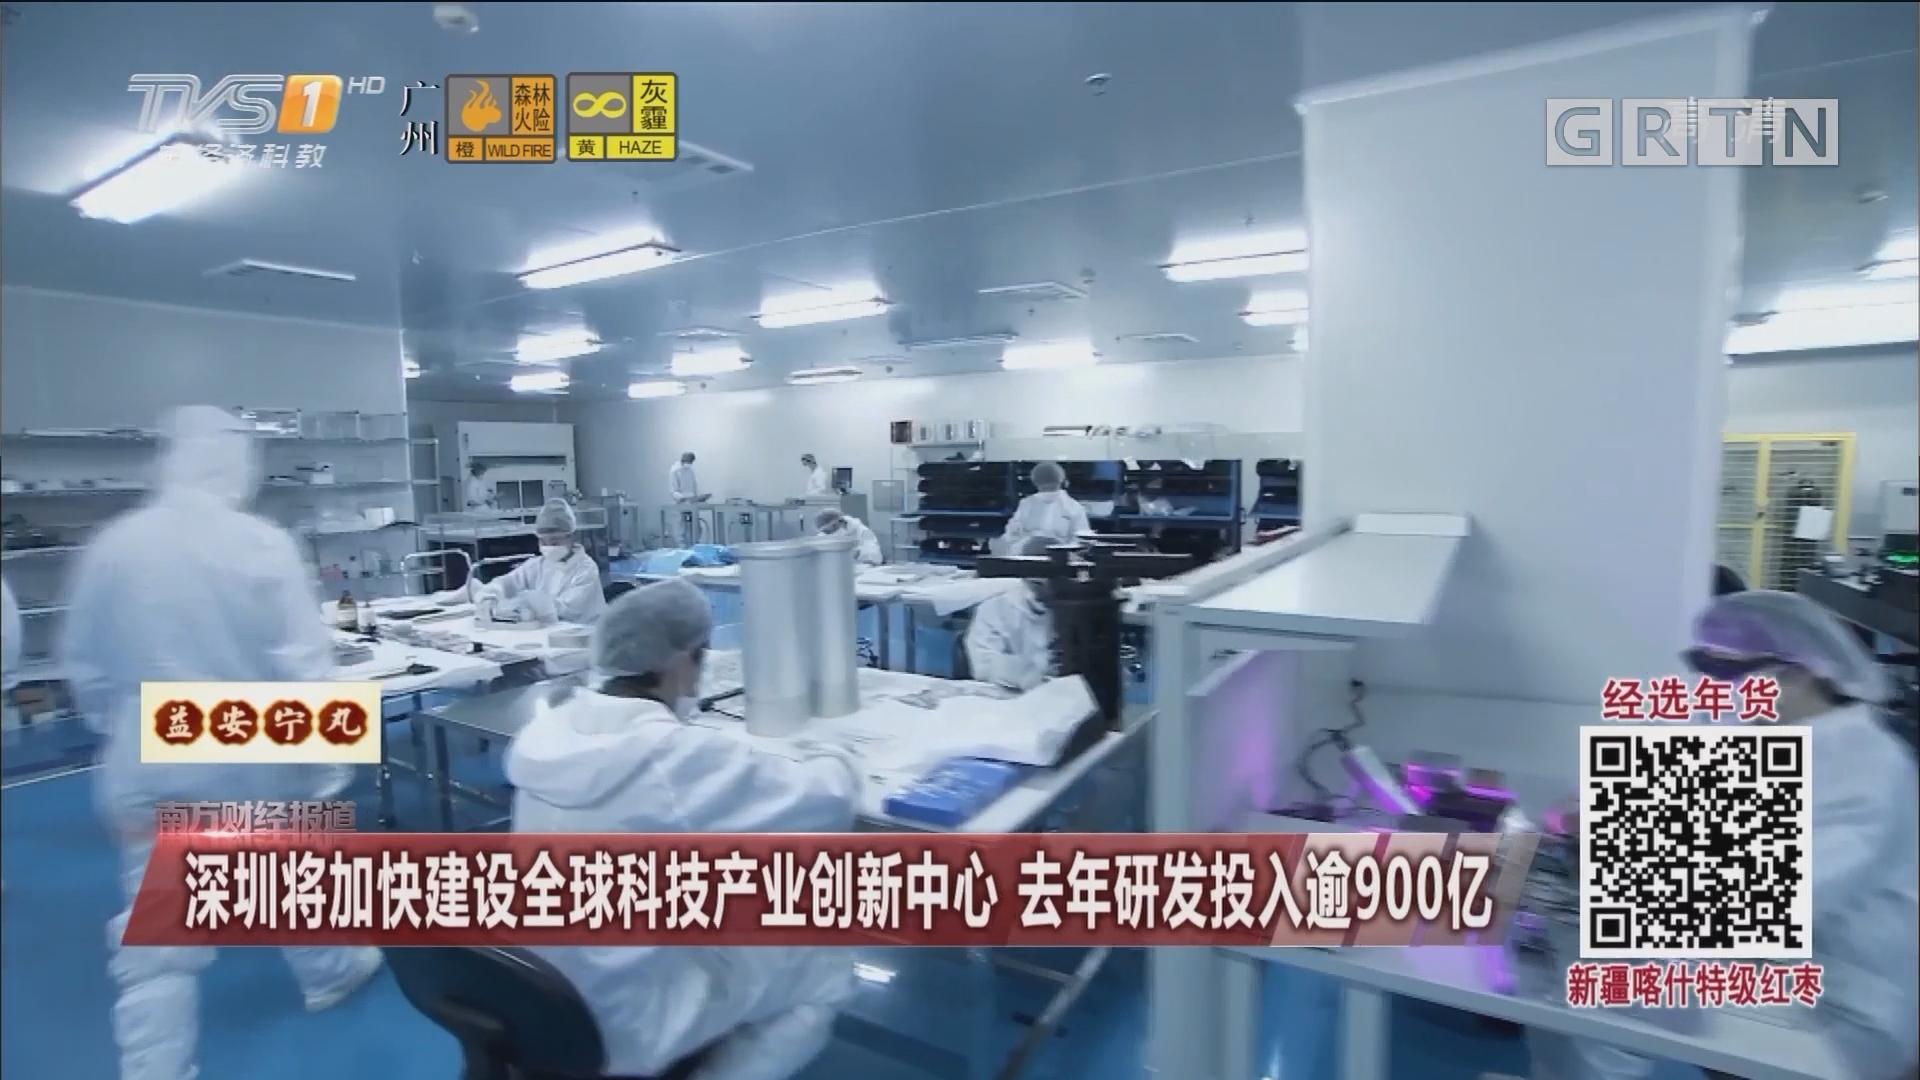 深圳将加快建设全球科技产业创新中心 去年研发投入逾900亿